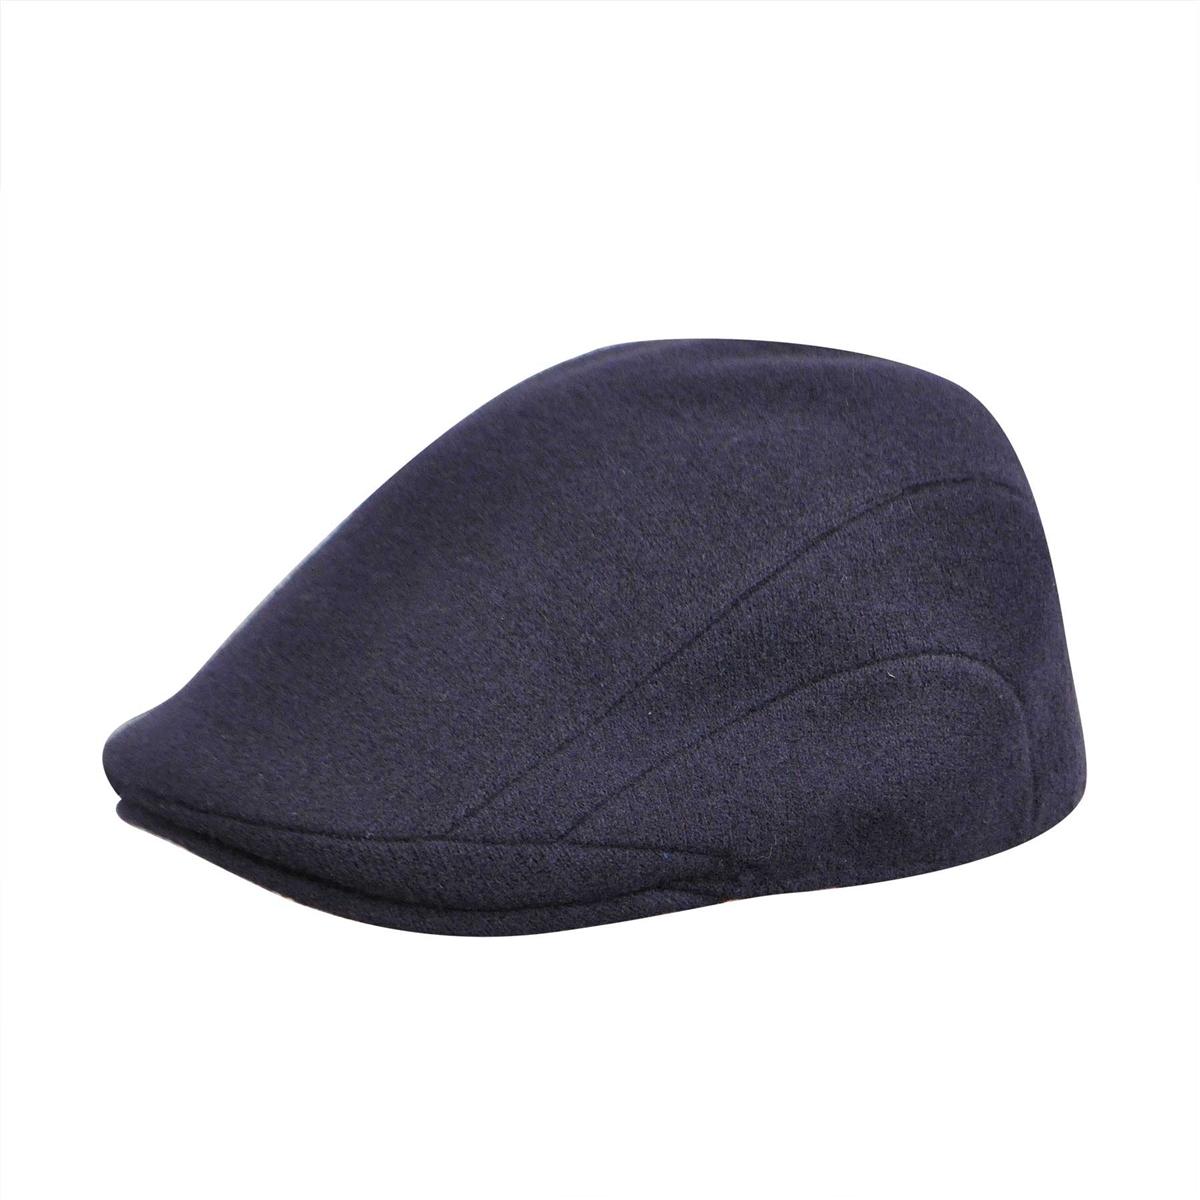 Kangol Wool 507 Ivy Cap Navy Blue 3338d2185c2